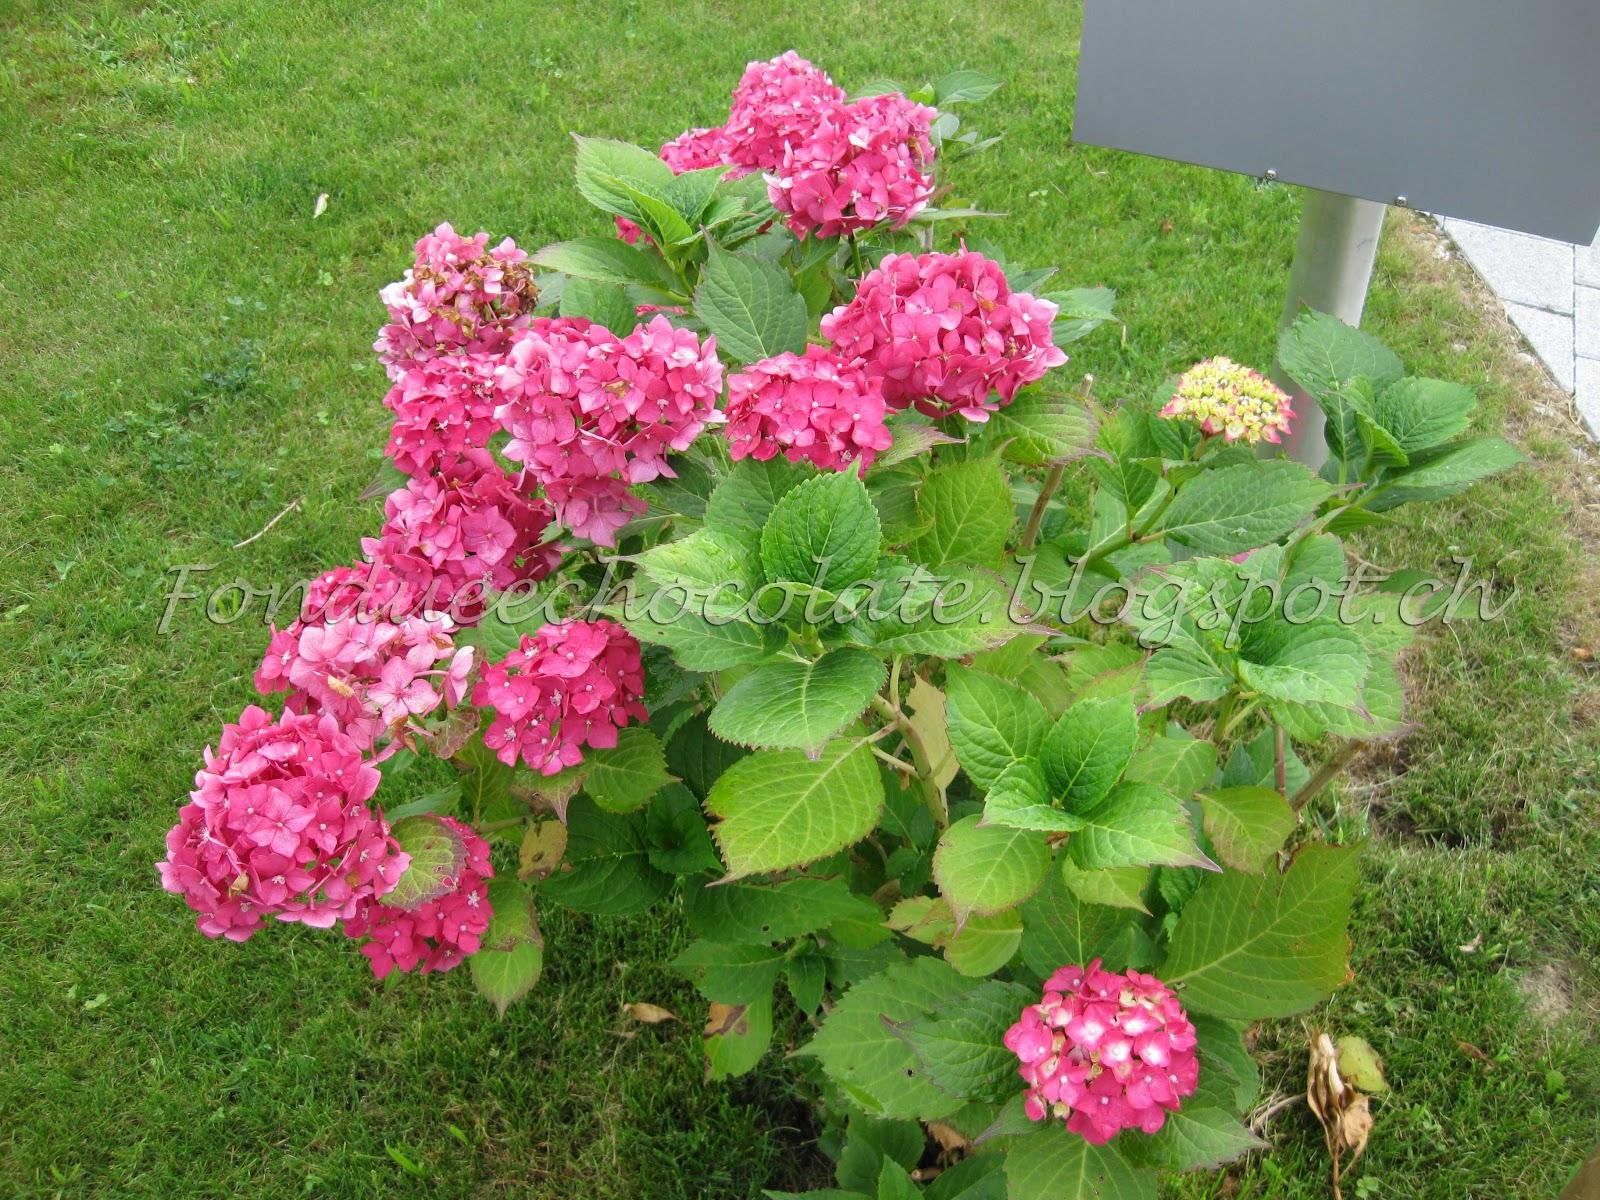 Plantas Para Jardim Que Nao Precisam De Muita Agua